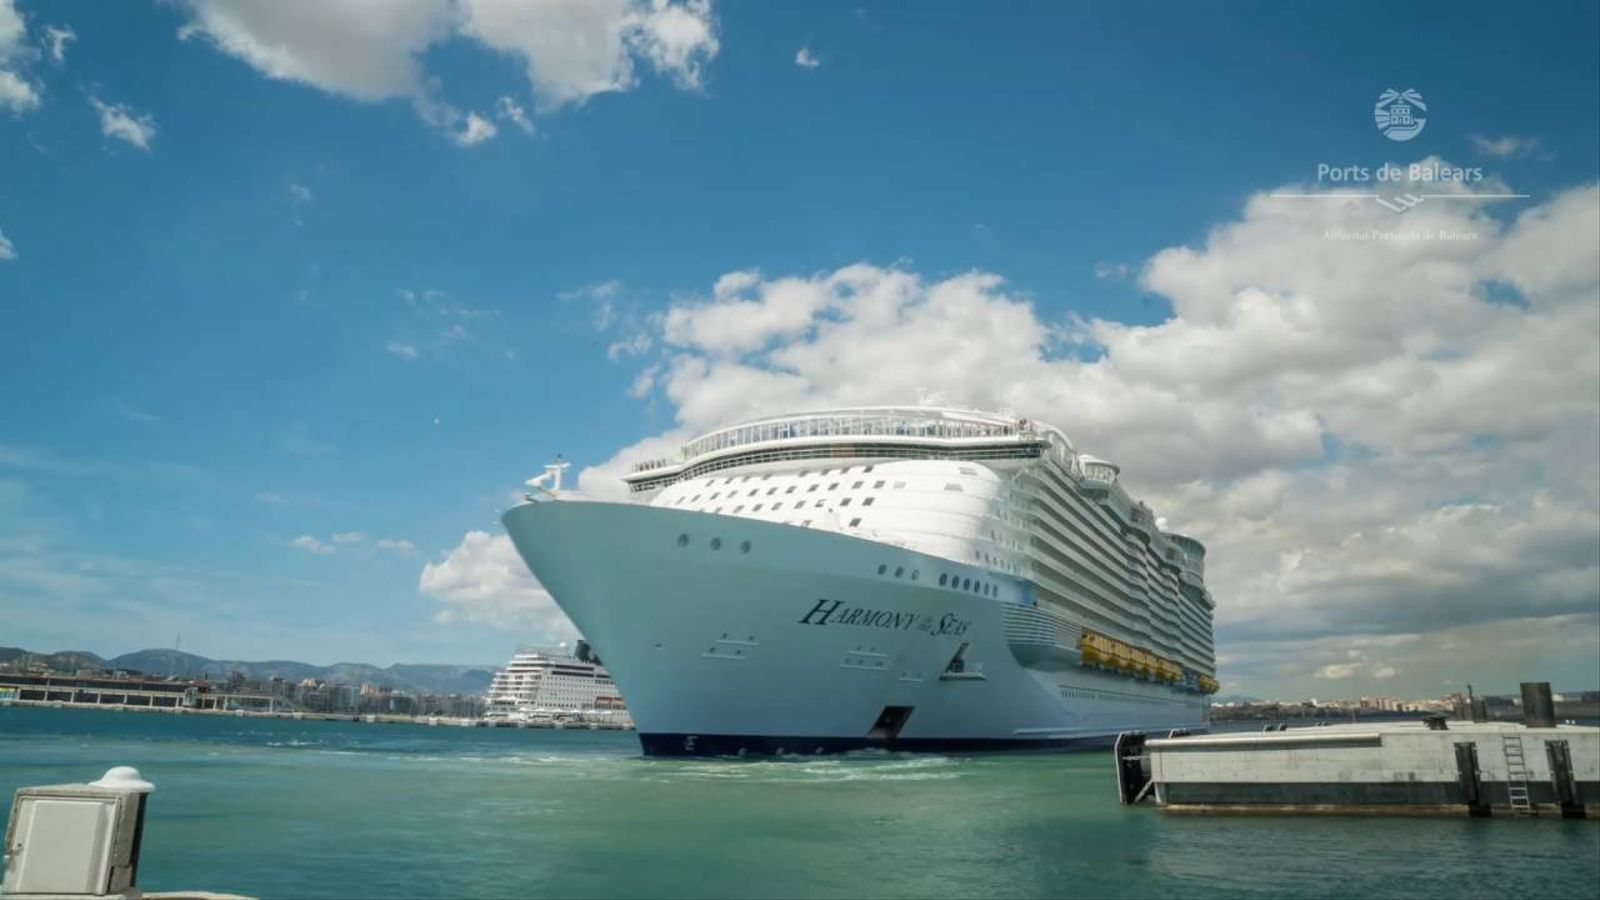 Així surt del port de Palma el vaixell més gran del món